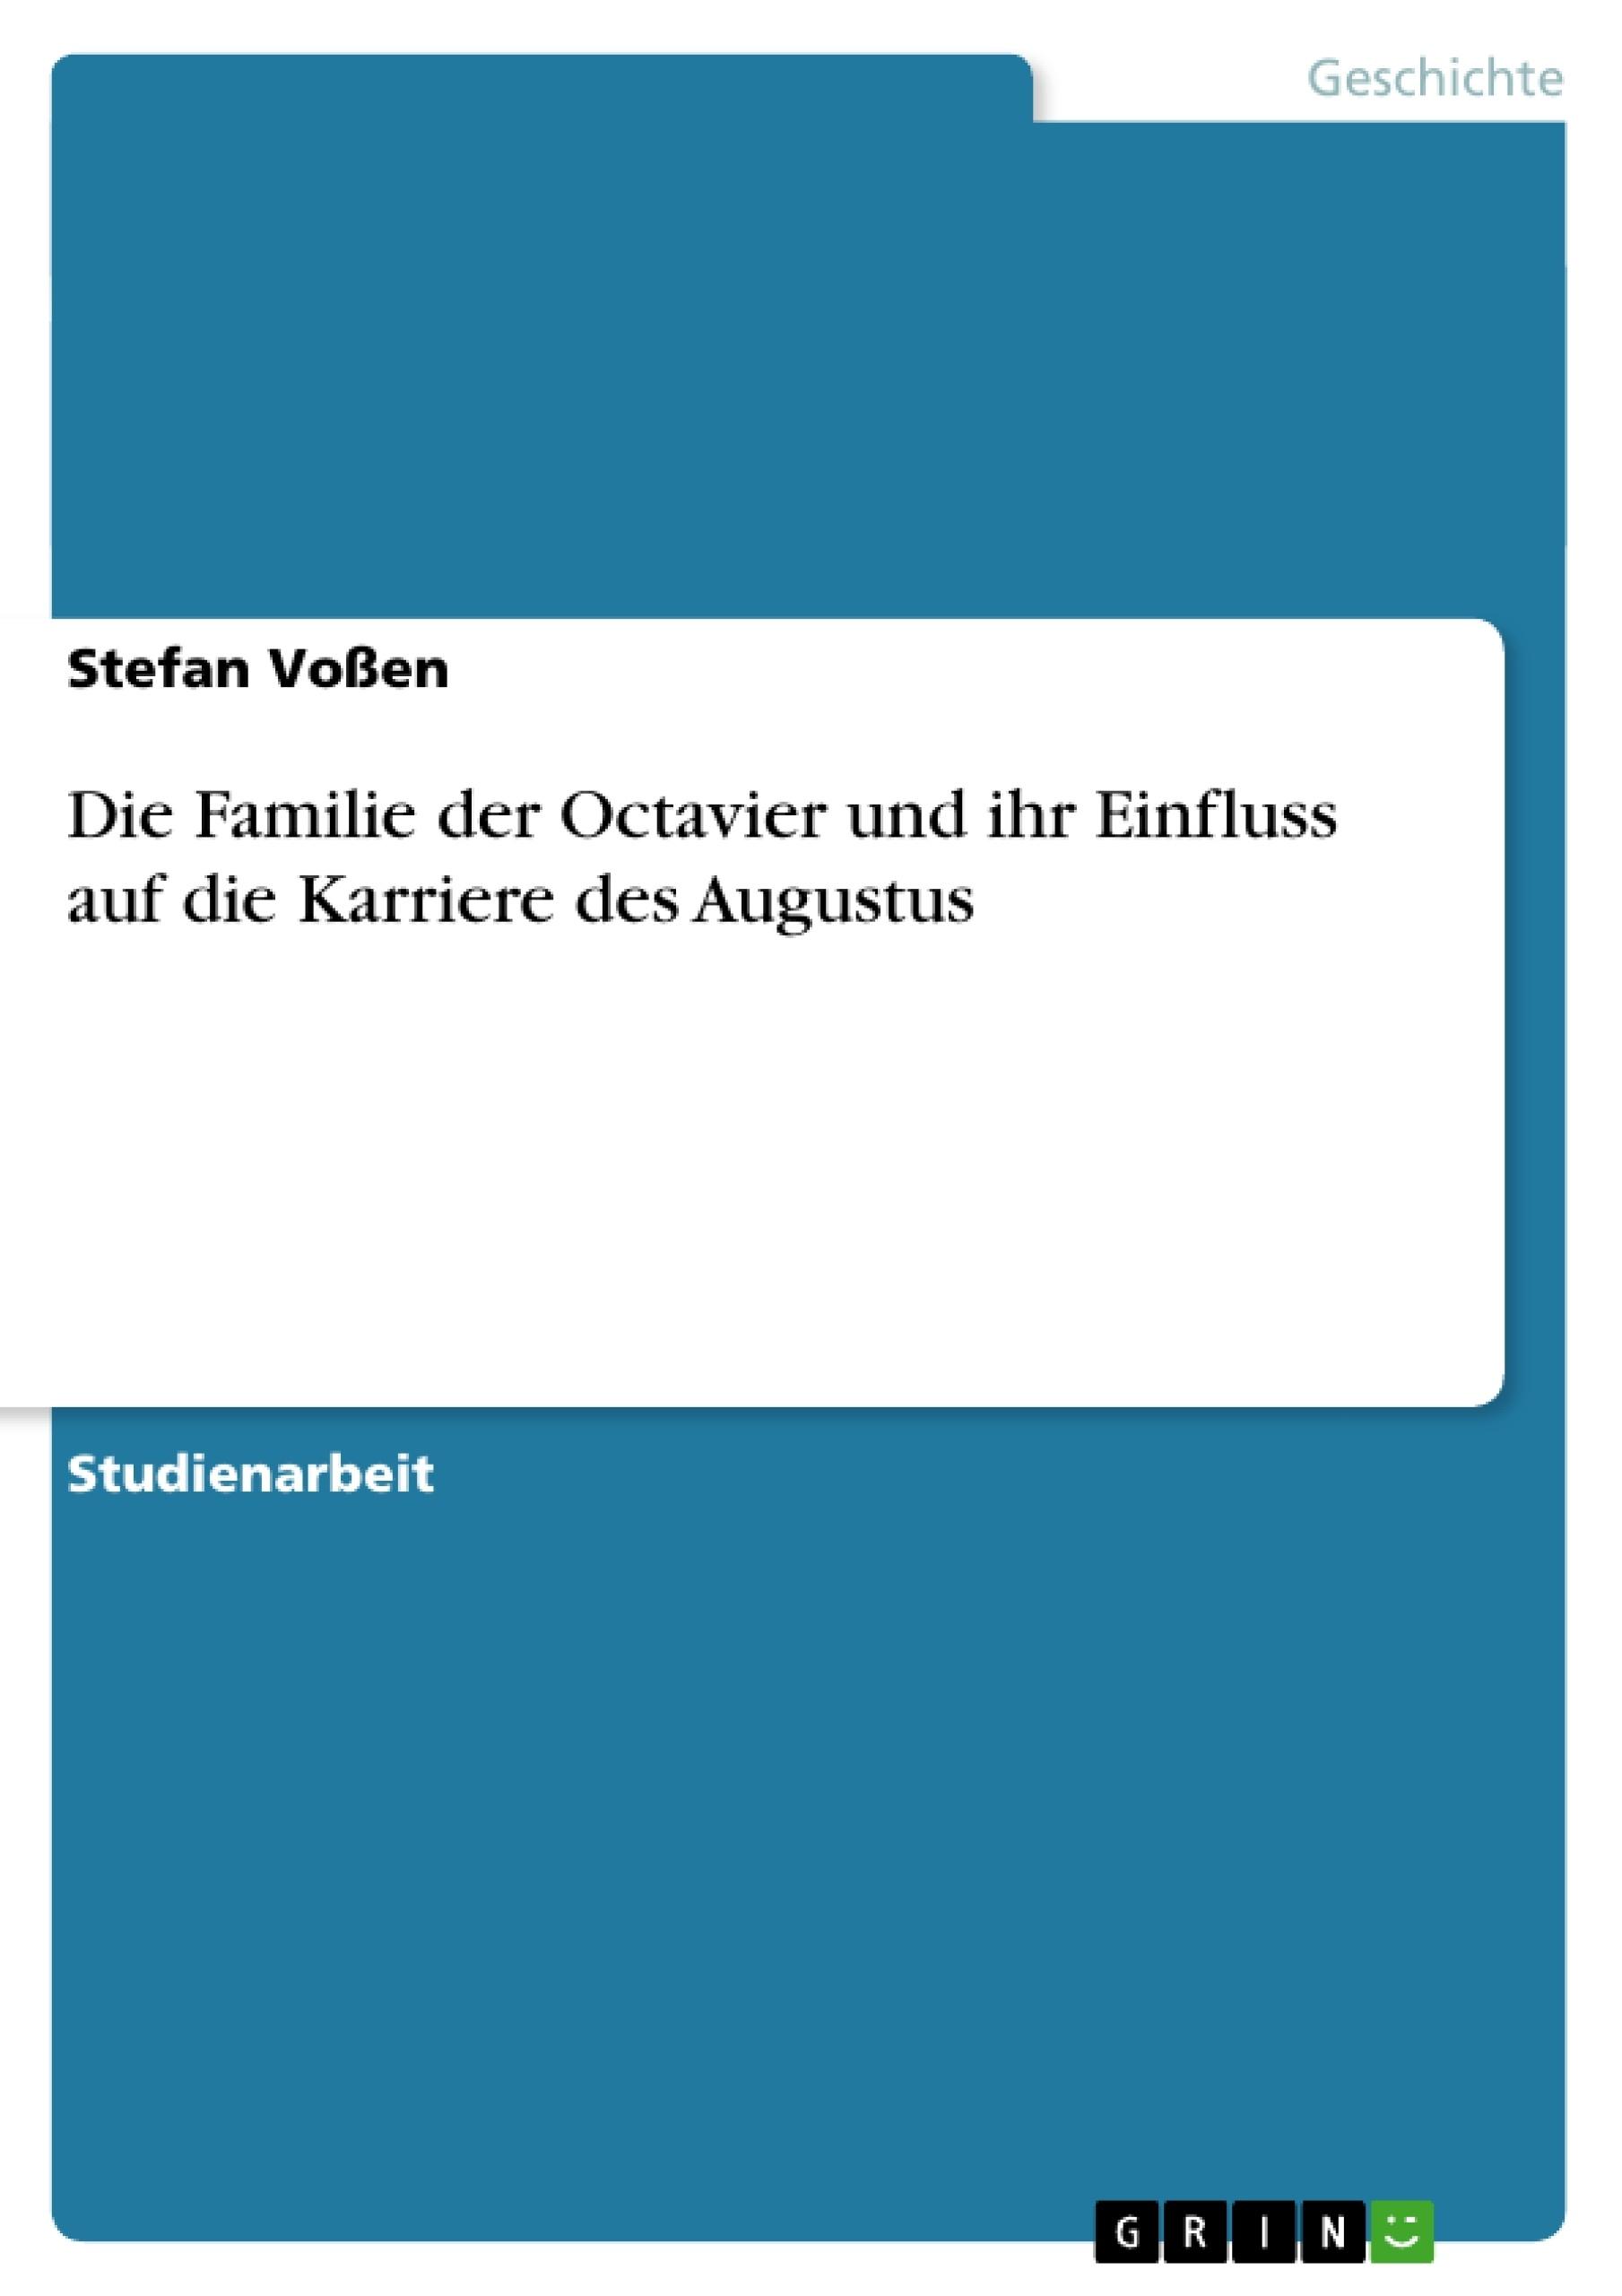 Titel: Die Familie der Octavier und ihr Einfluss auf die Karriere des Augustus